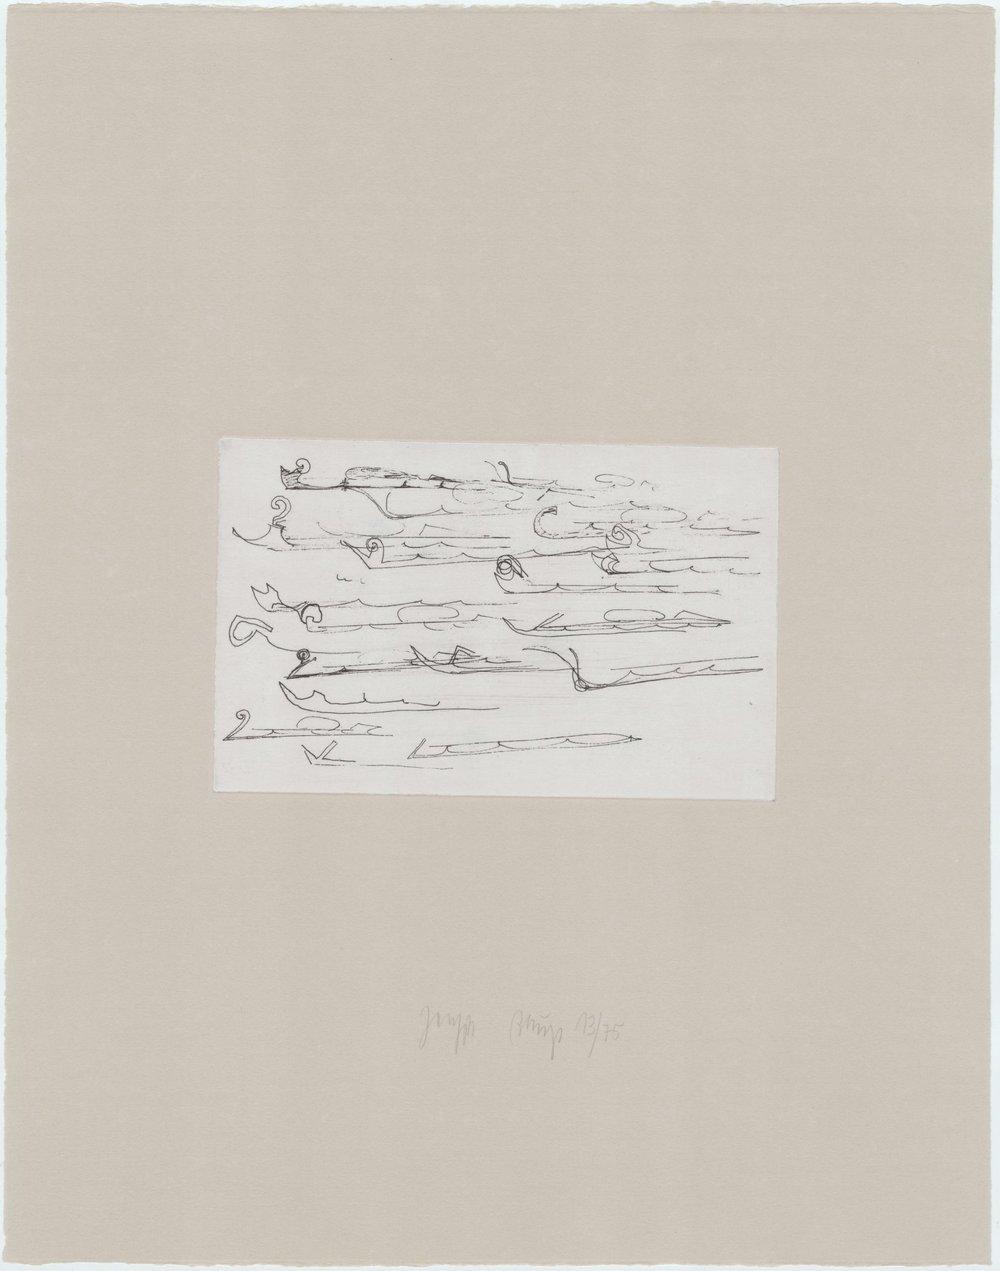 Zirkulationszeit - Urschlitten II 16/75 (Museumsausgabe, Radierung und Kaltnadel auf Rives gris) 1982